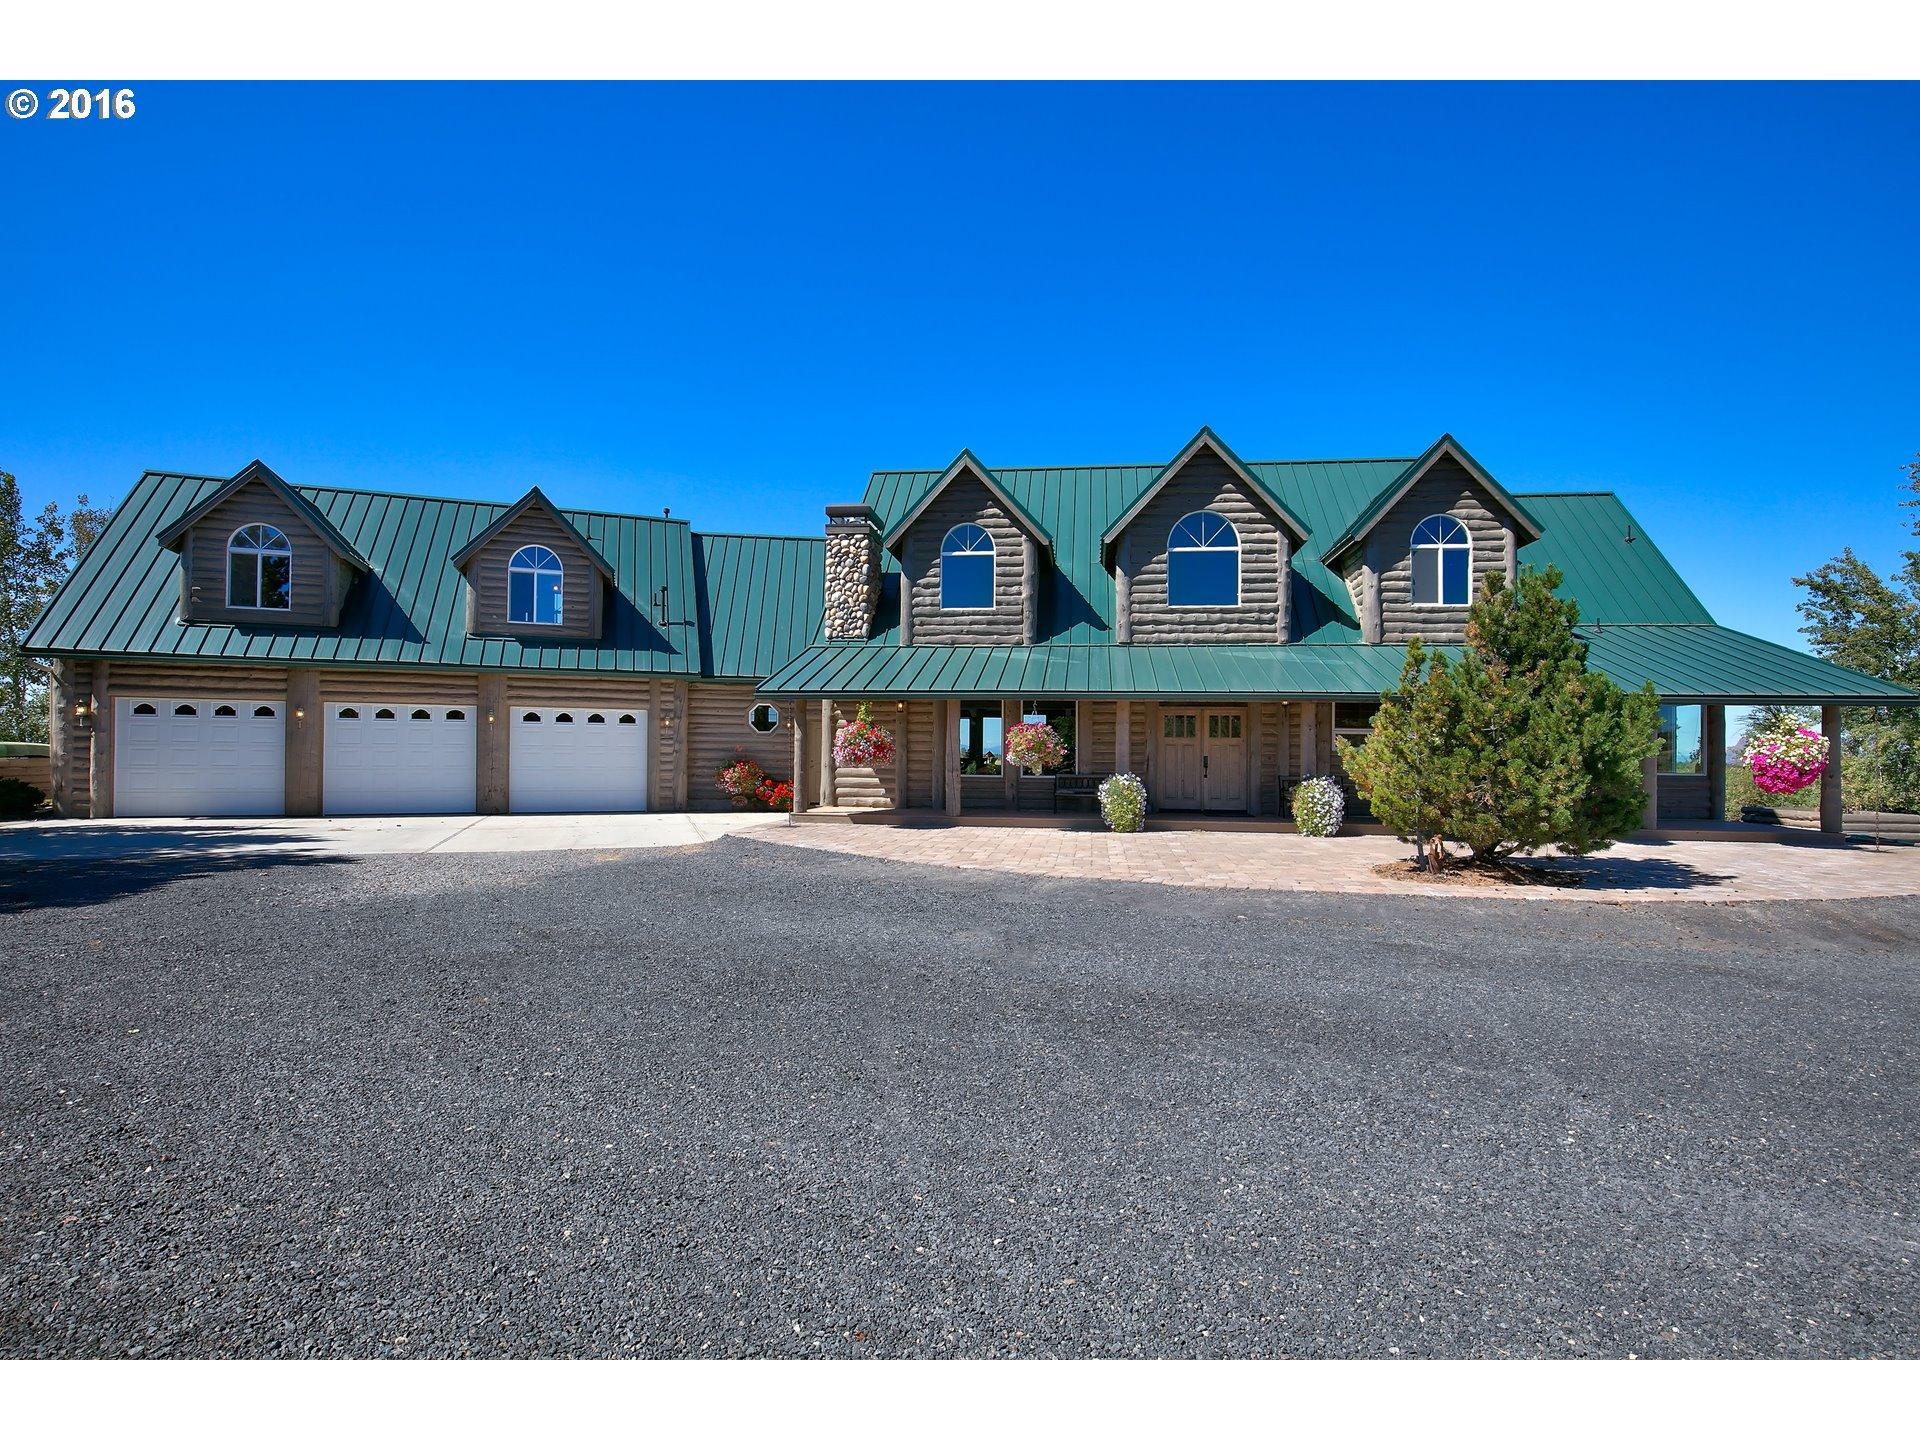 12865 SW CORNETT LOOP Powell Butte, OR 97753 - MLS #: 16313080